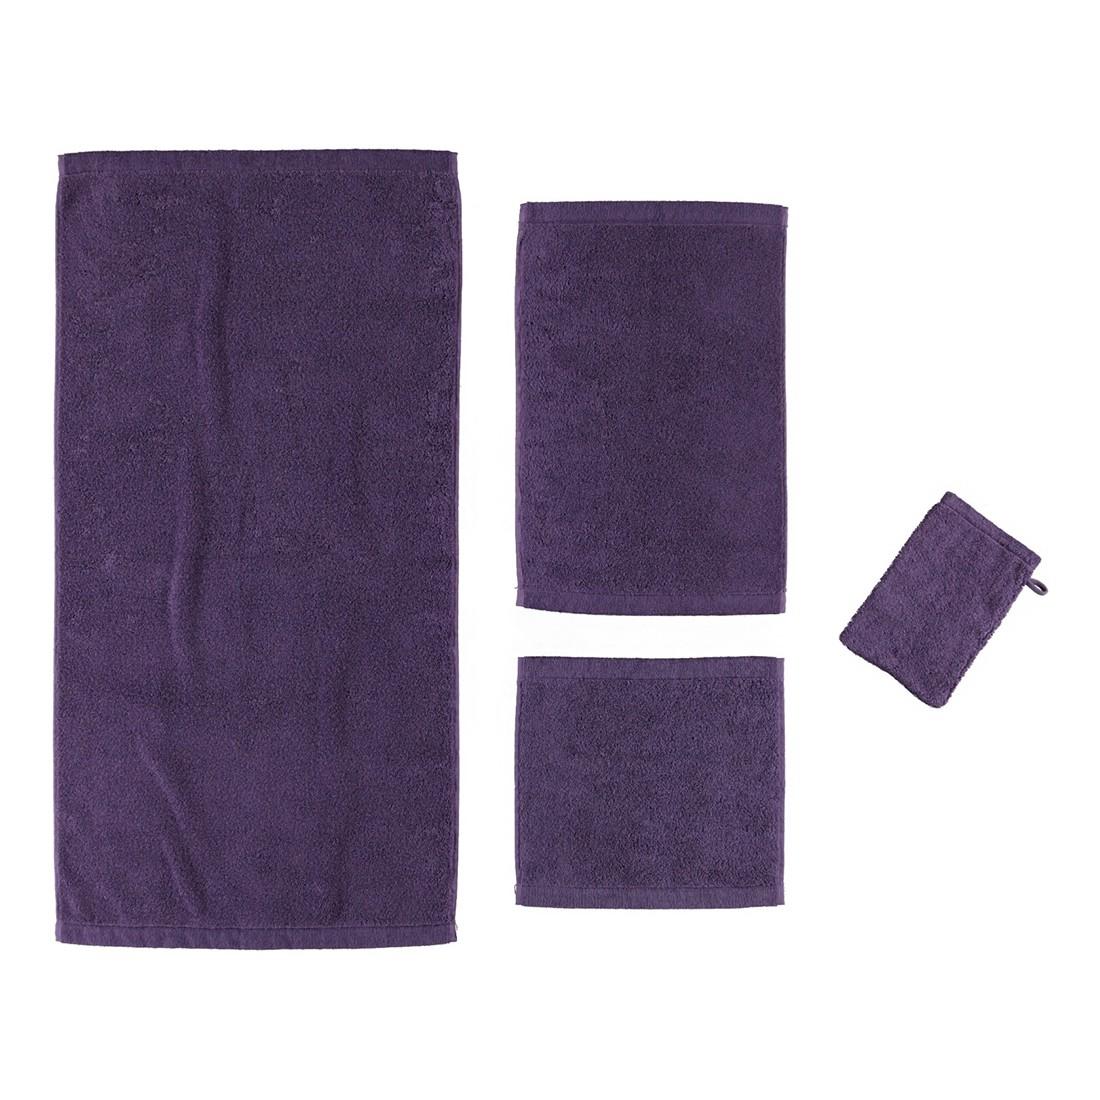 Handtuch Life Style Uni 7007 – 100% Baumwolle lila – 808 – Duschtuch: 70 x 140 cm, Cawö kaufen